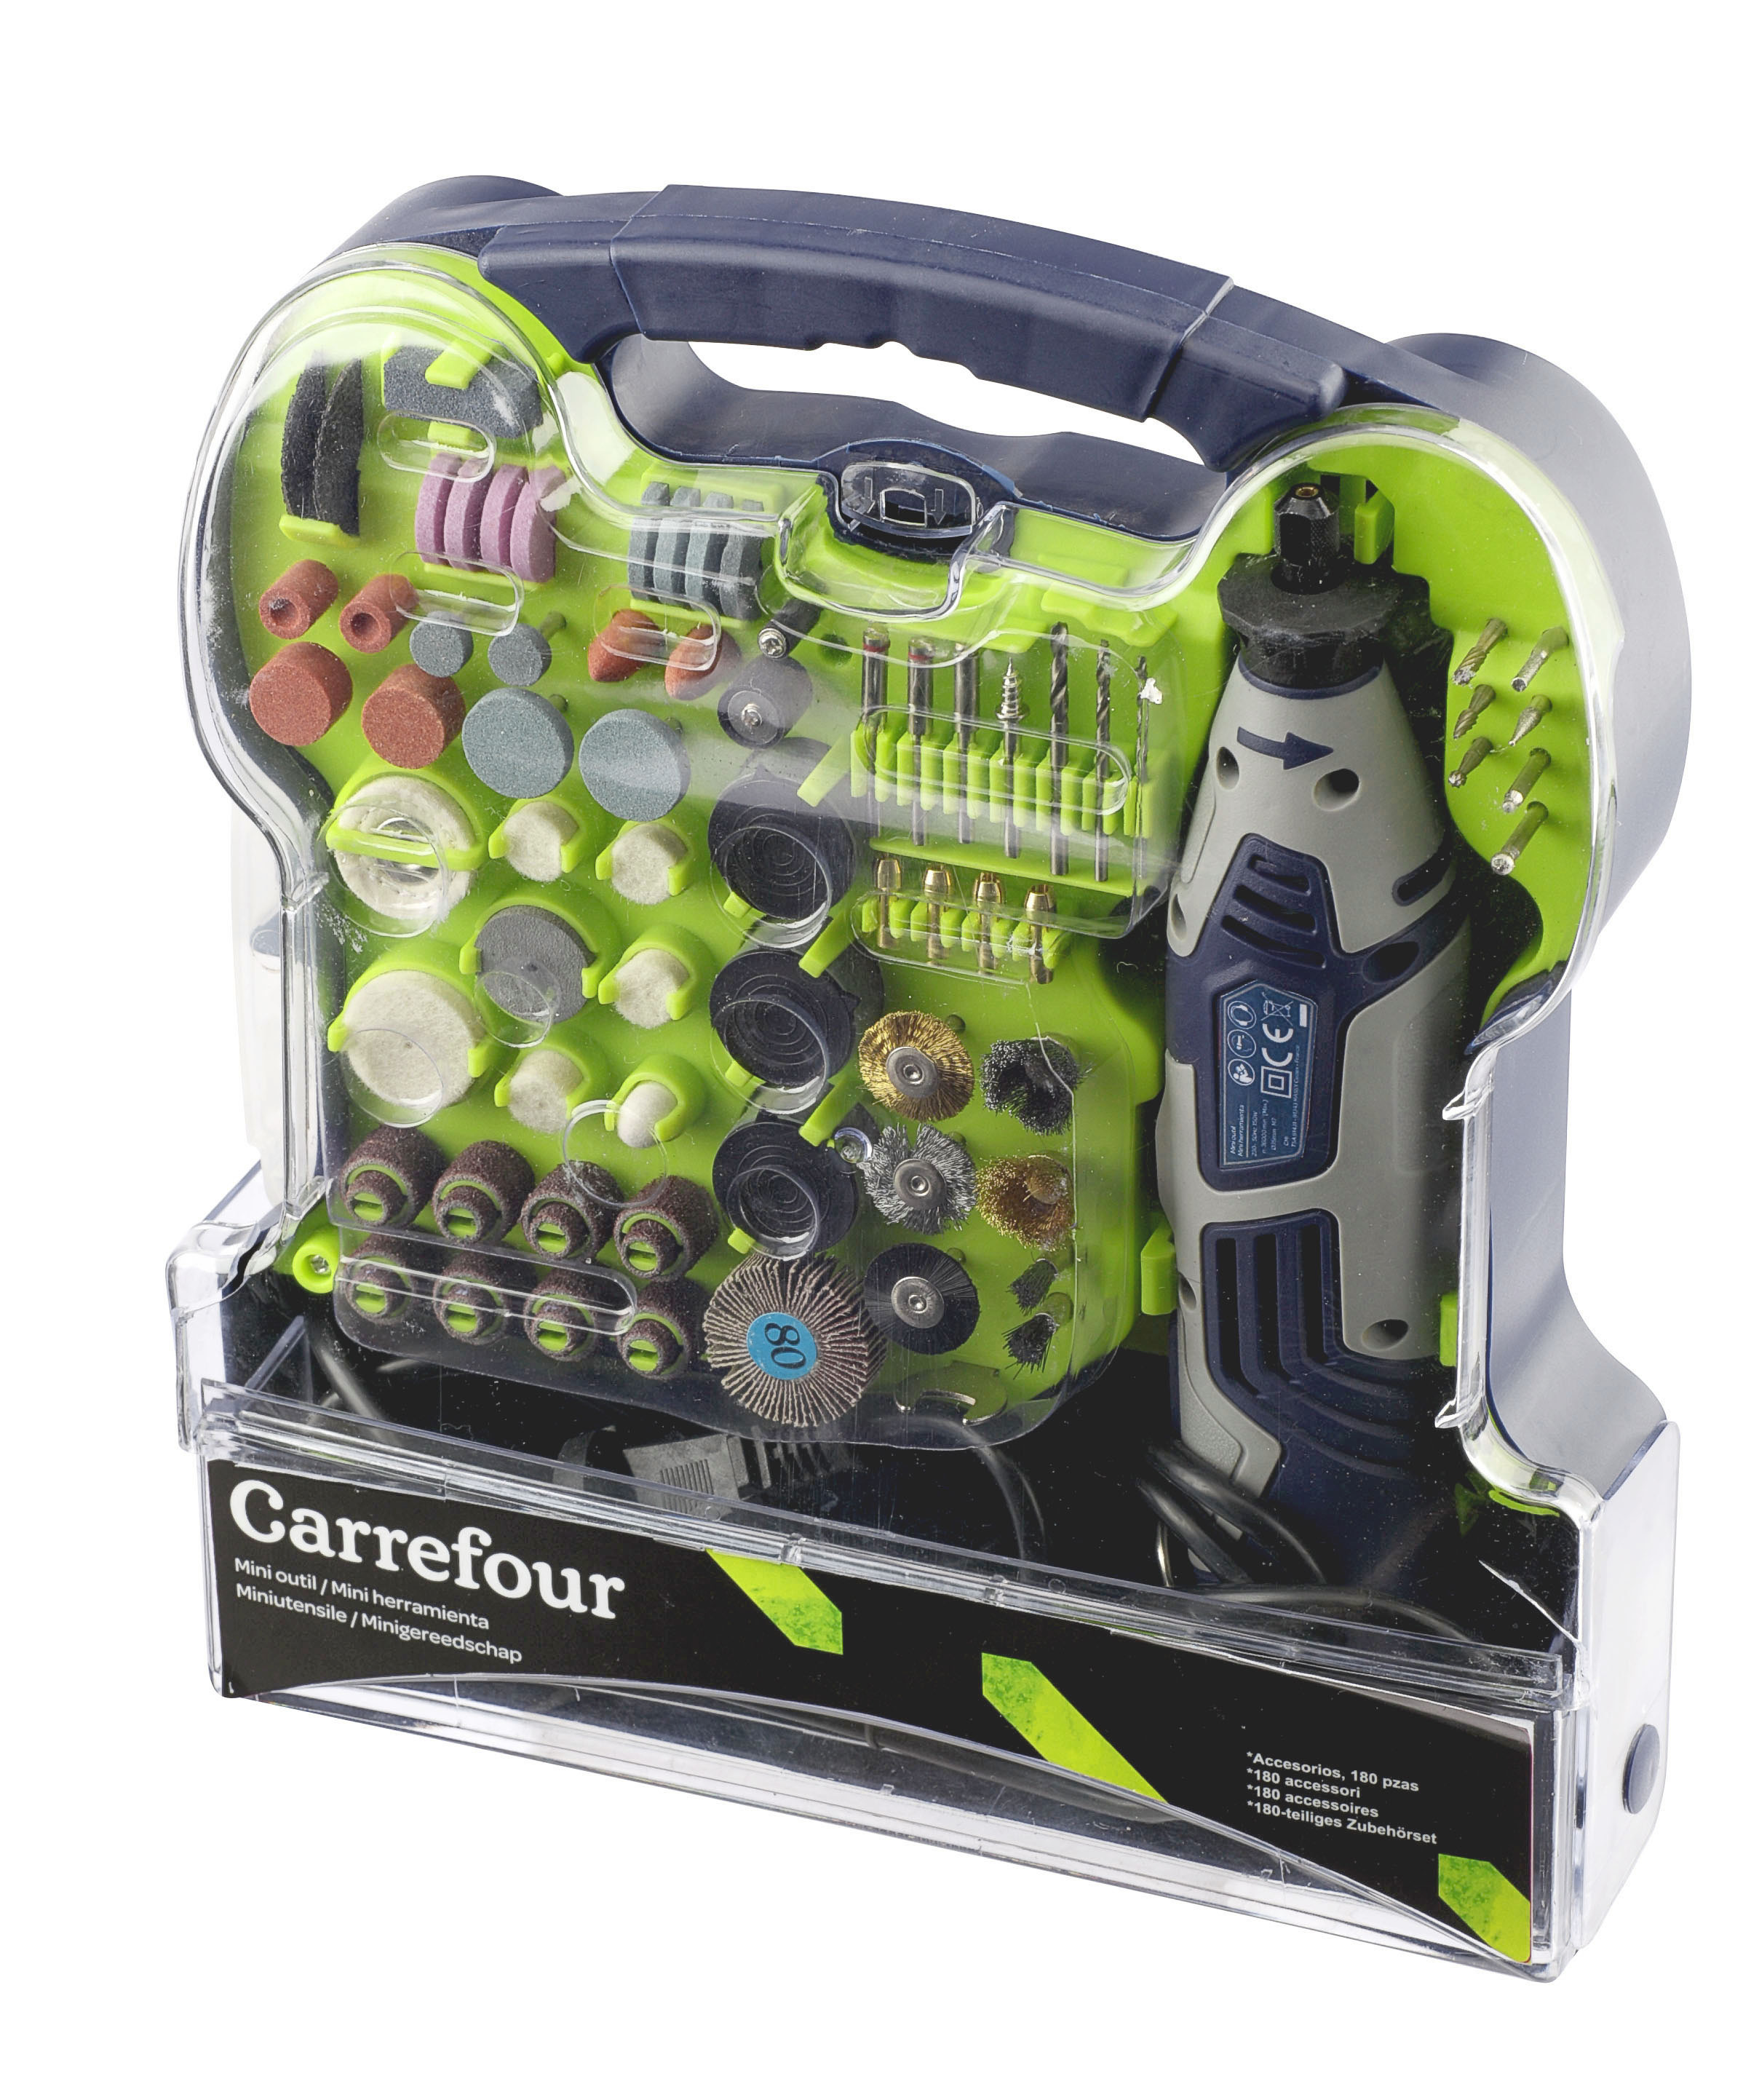 CARREFOUR Lot de 180 mini outils 150 W